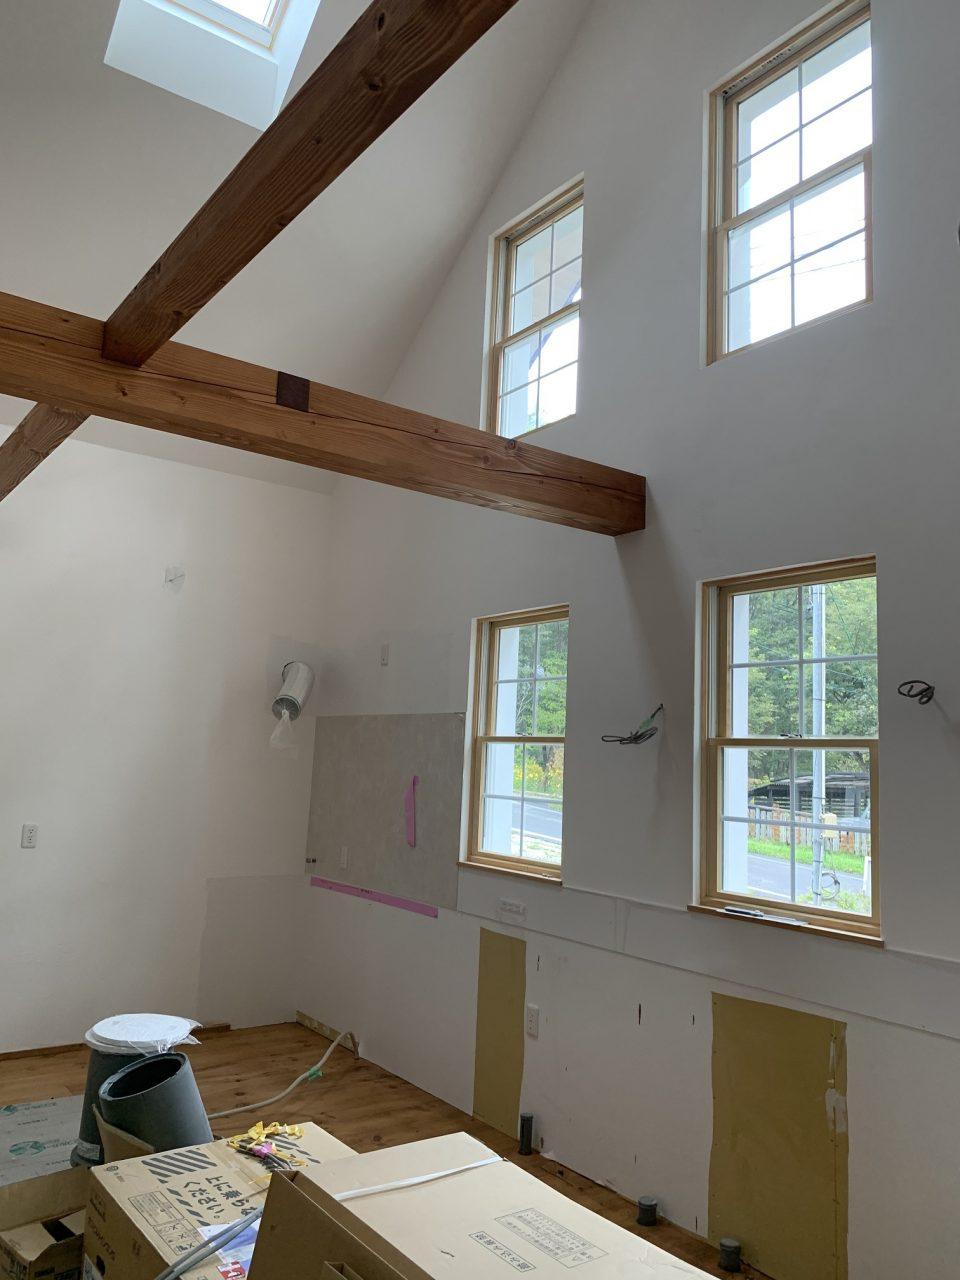 構造体である梁と照明用の梁が交錯。天窓は電動で開閉できるタイプのもの。